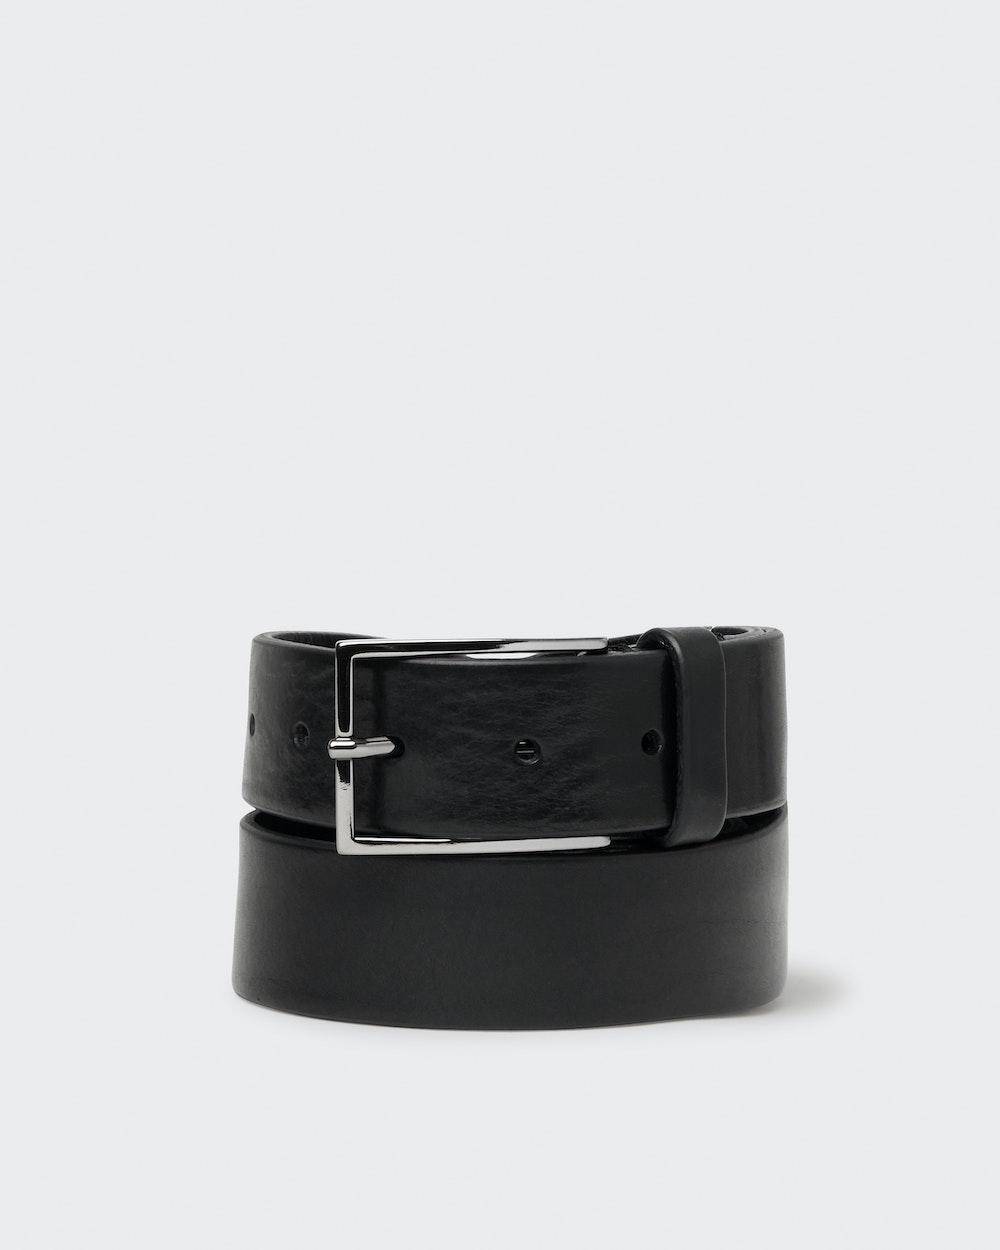 Vilding belt Black Oscar Jacobson